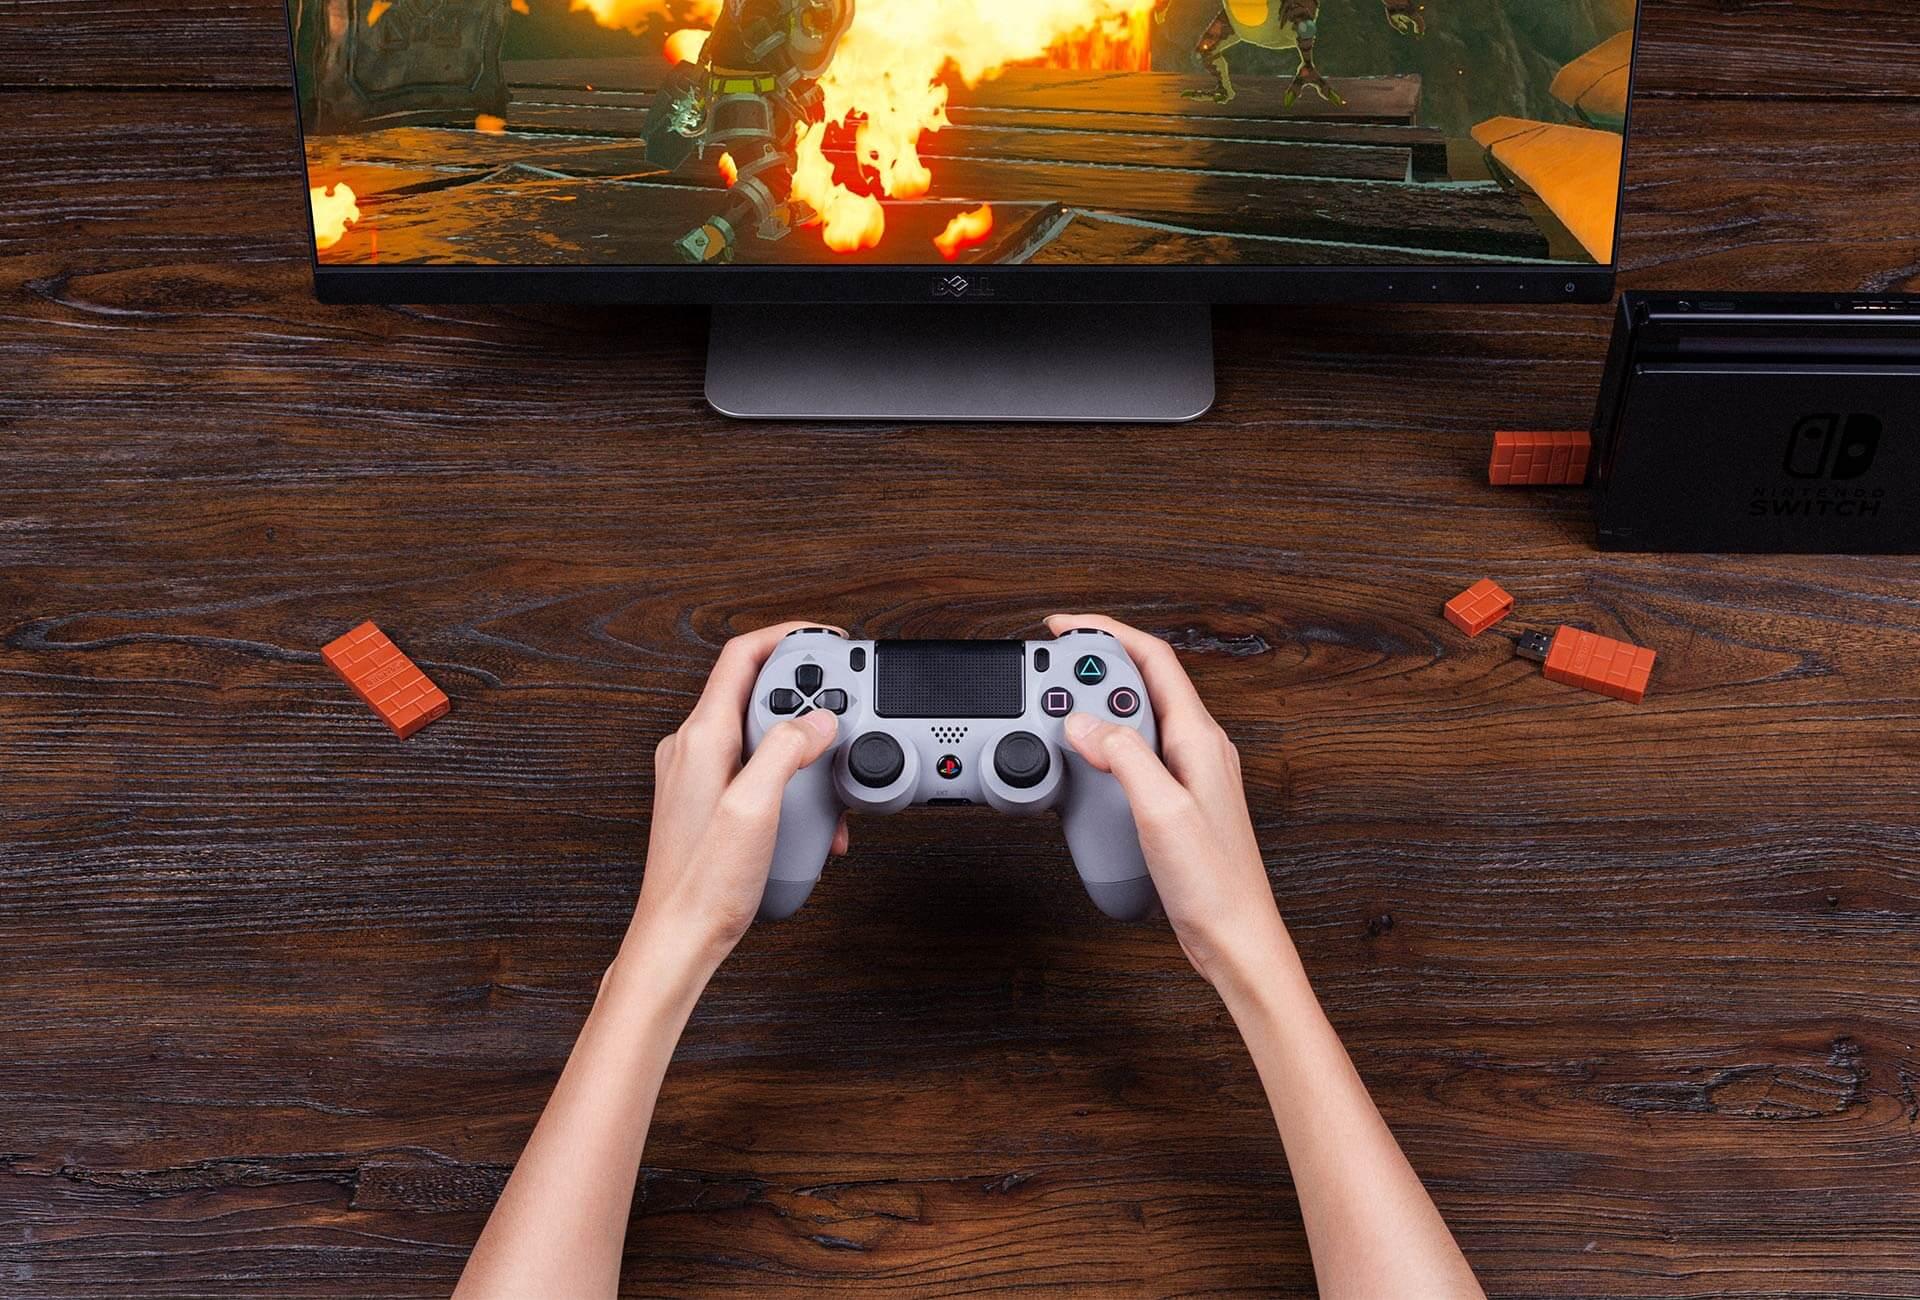 SwitchでPS4のコントローラーを使う方法